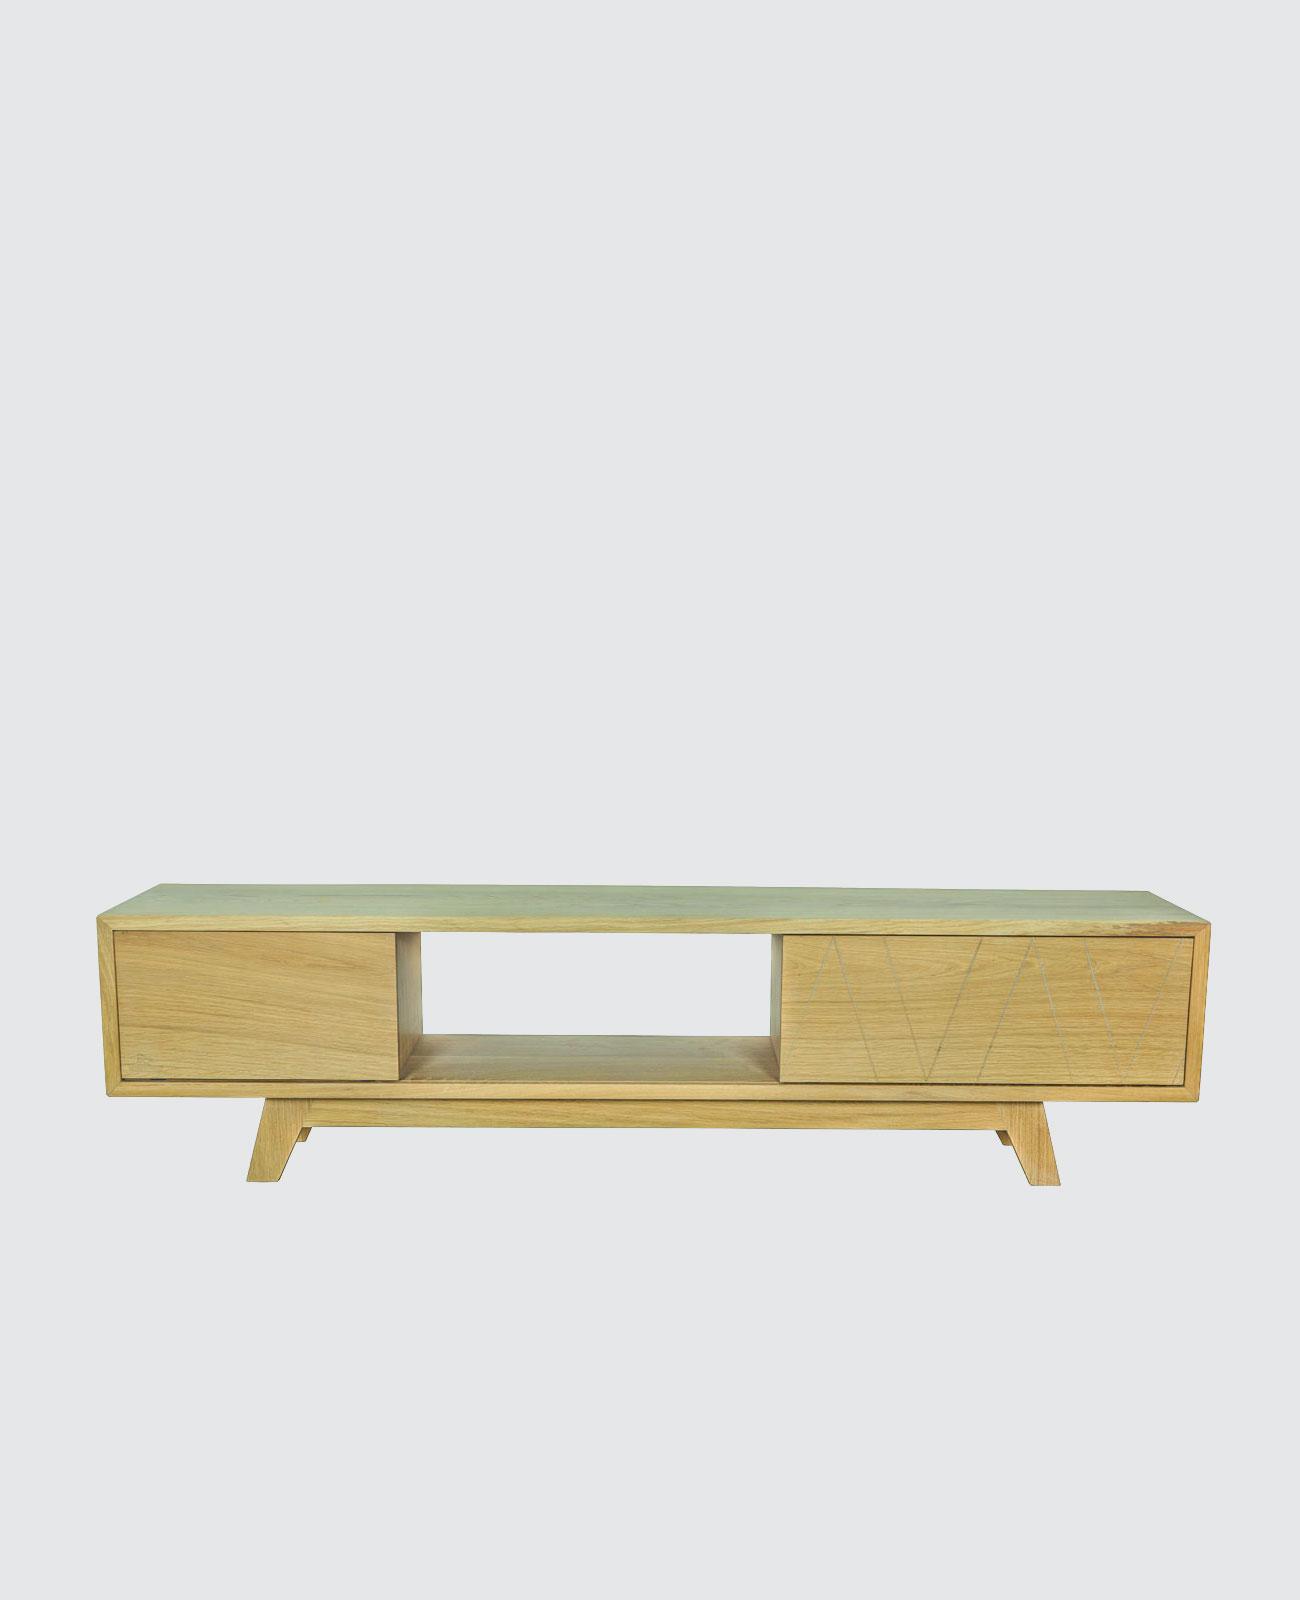 Meuble Tv Bois Massif Fran Ais Scandinave Design Wood Scrap # Les Dimensions D'Un Meuble Tv En Bois